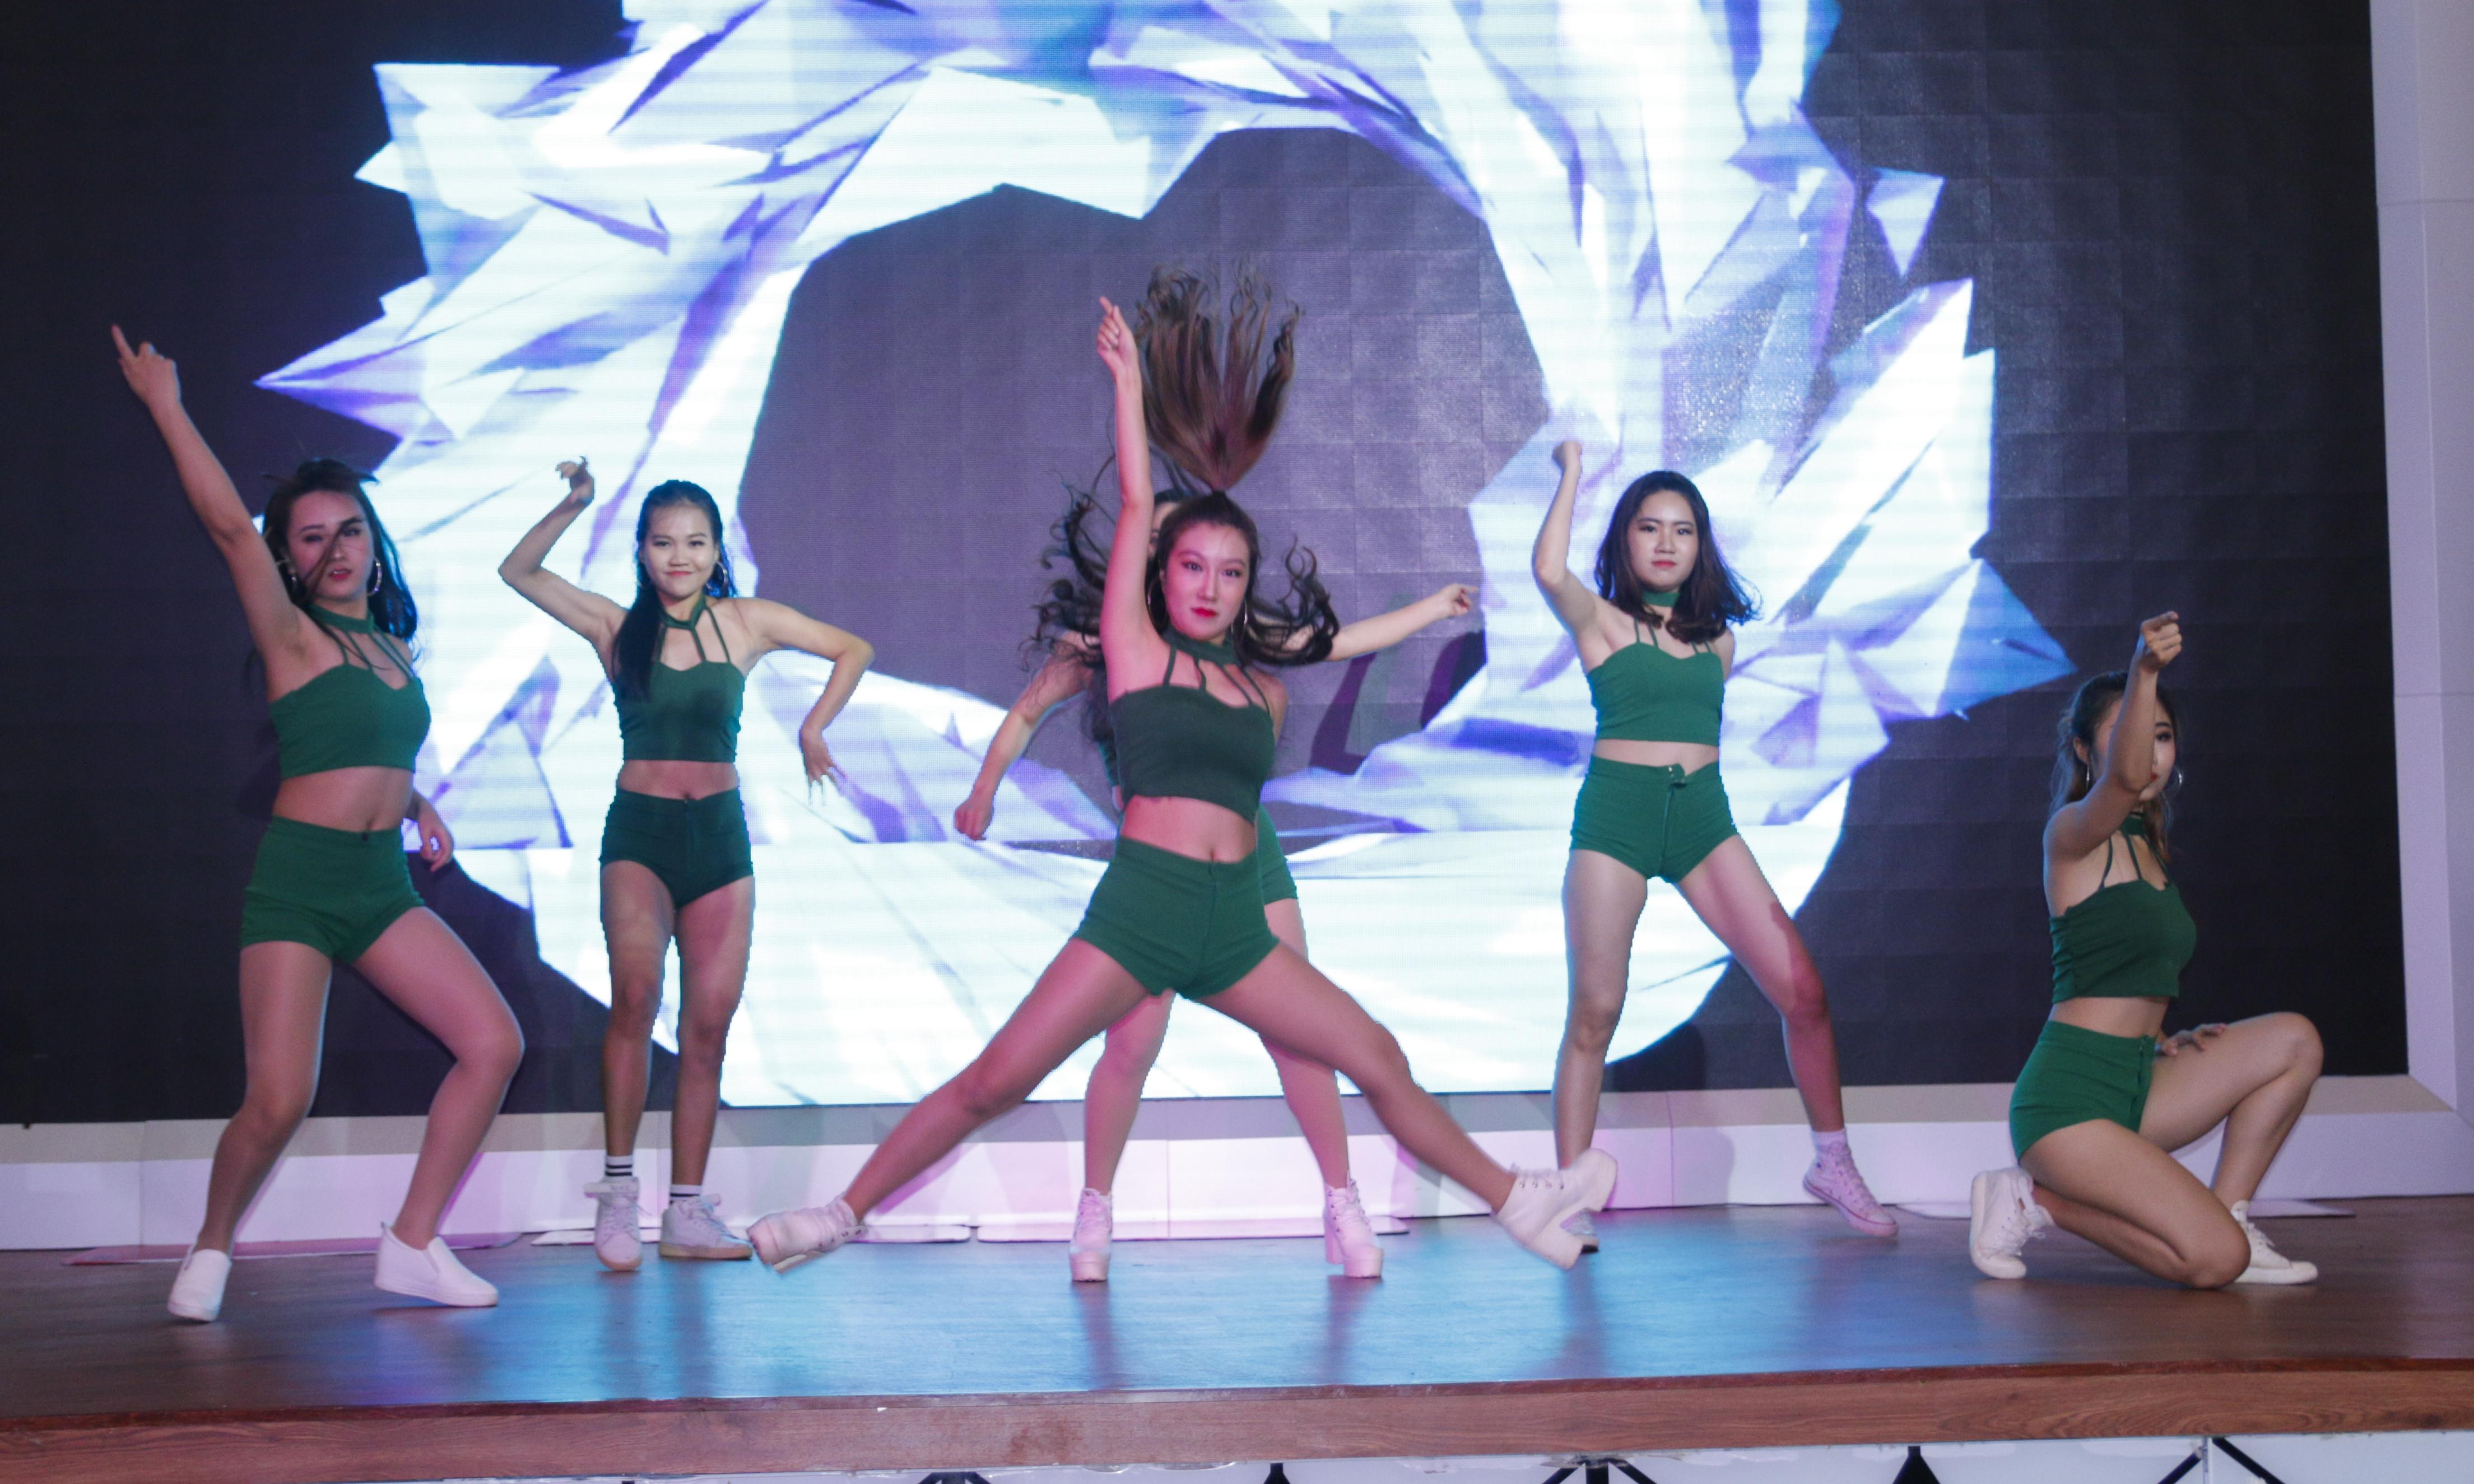 Tiết mục nhảy của các cô gái nóng bỏng đến từ nhà tài trợ OPPO khiến game thủ cả hội trường không rời mắt.